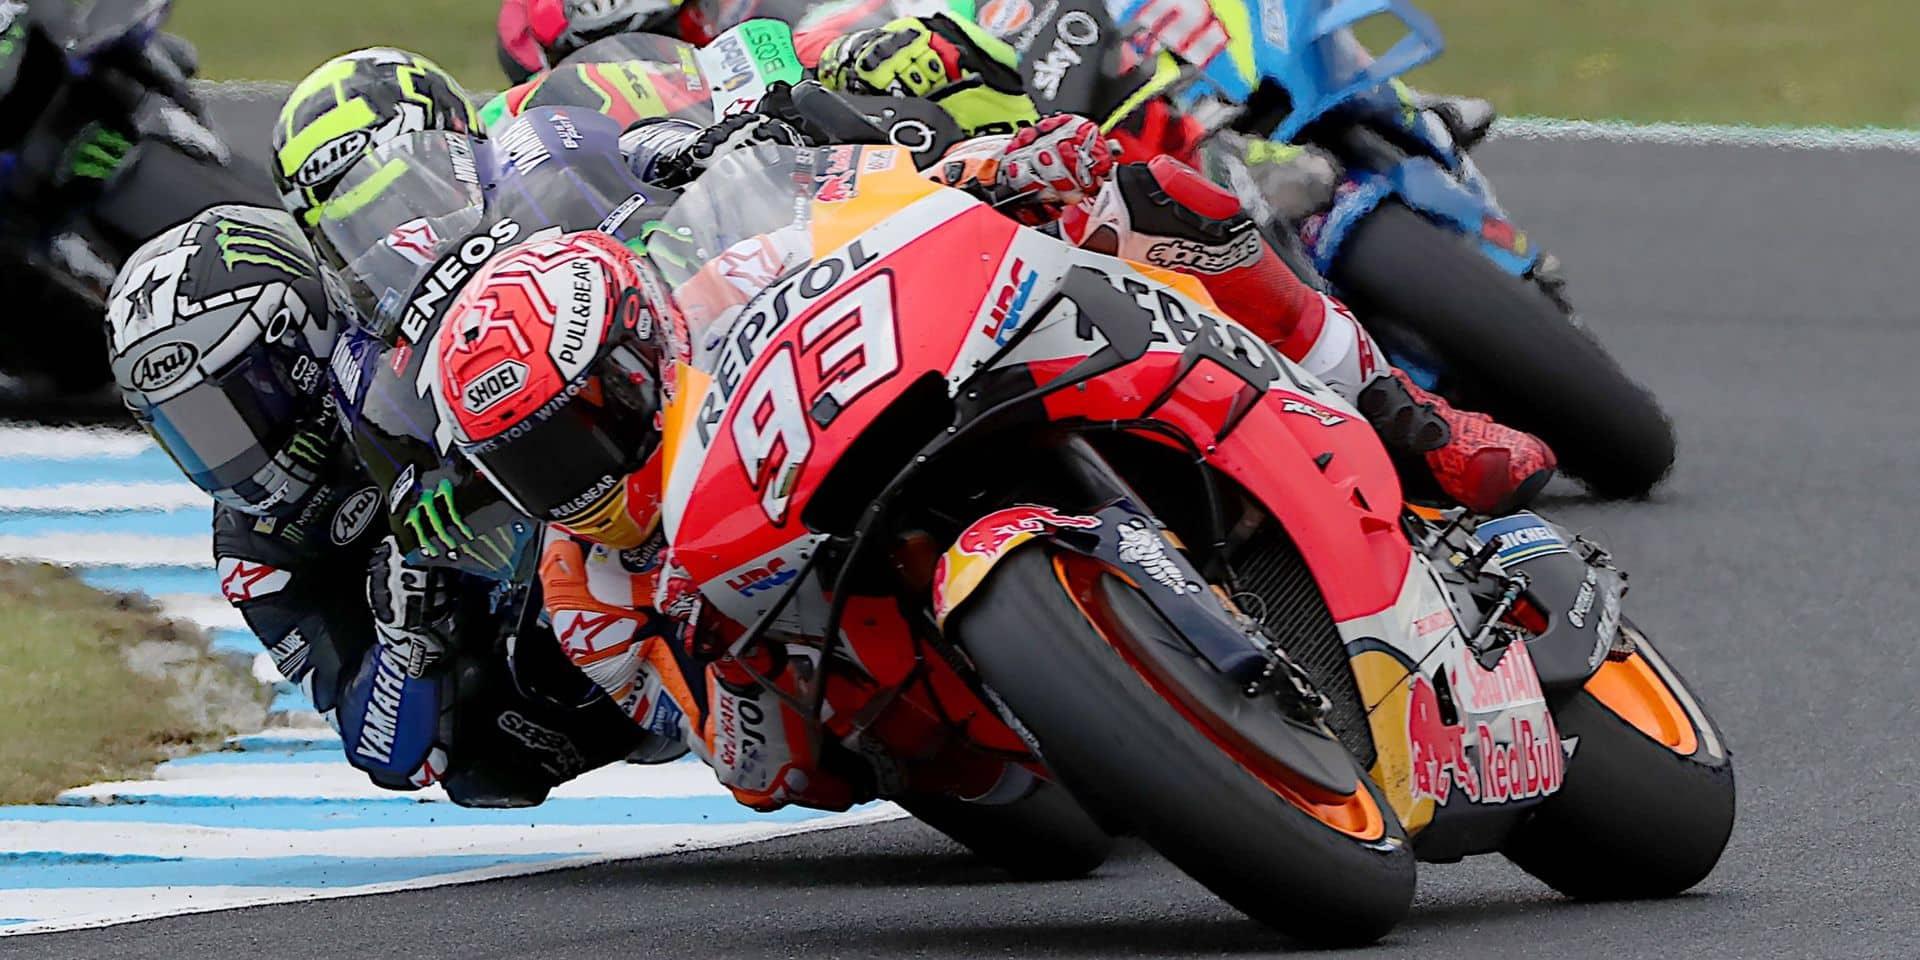 Marc Marquez remporte le Grand Prix moto d'Australie